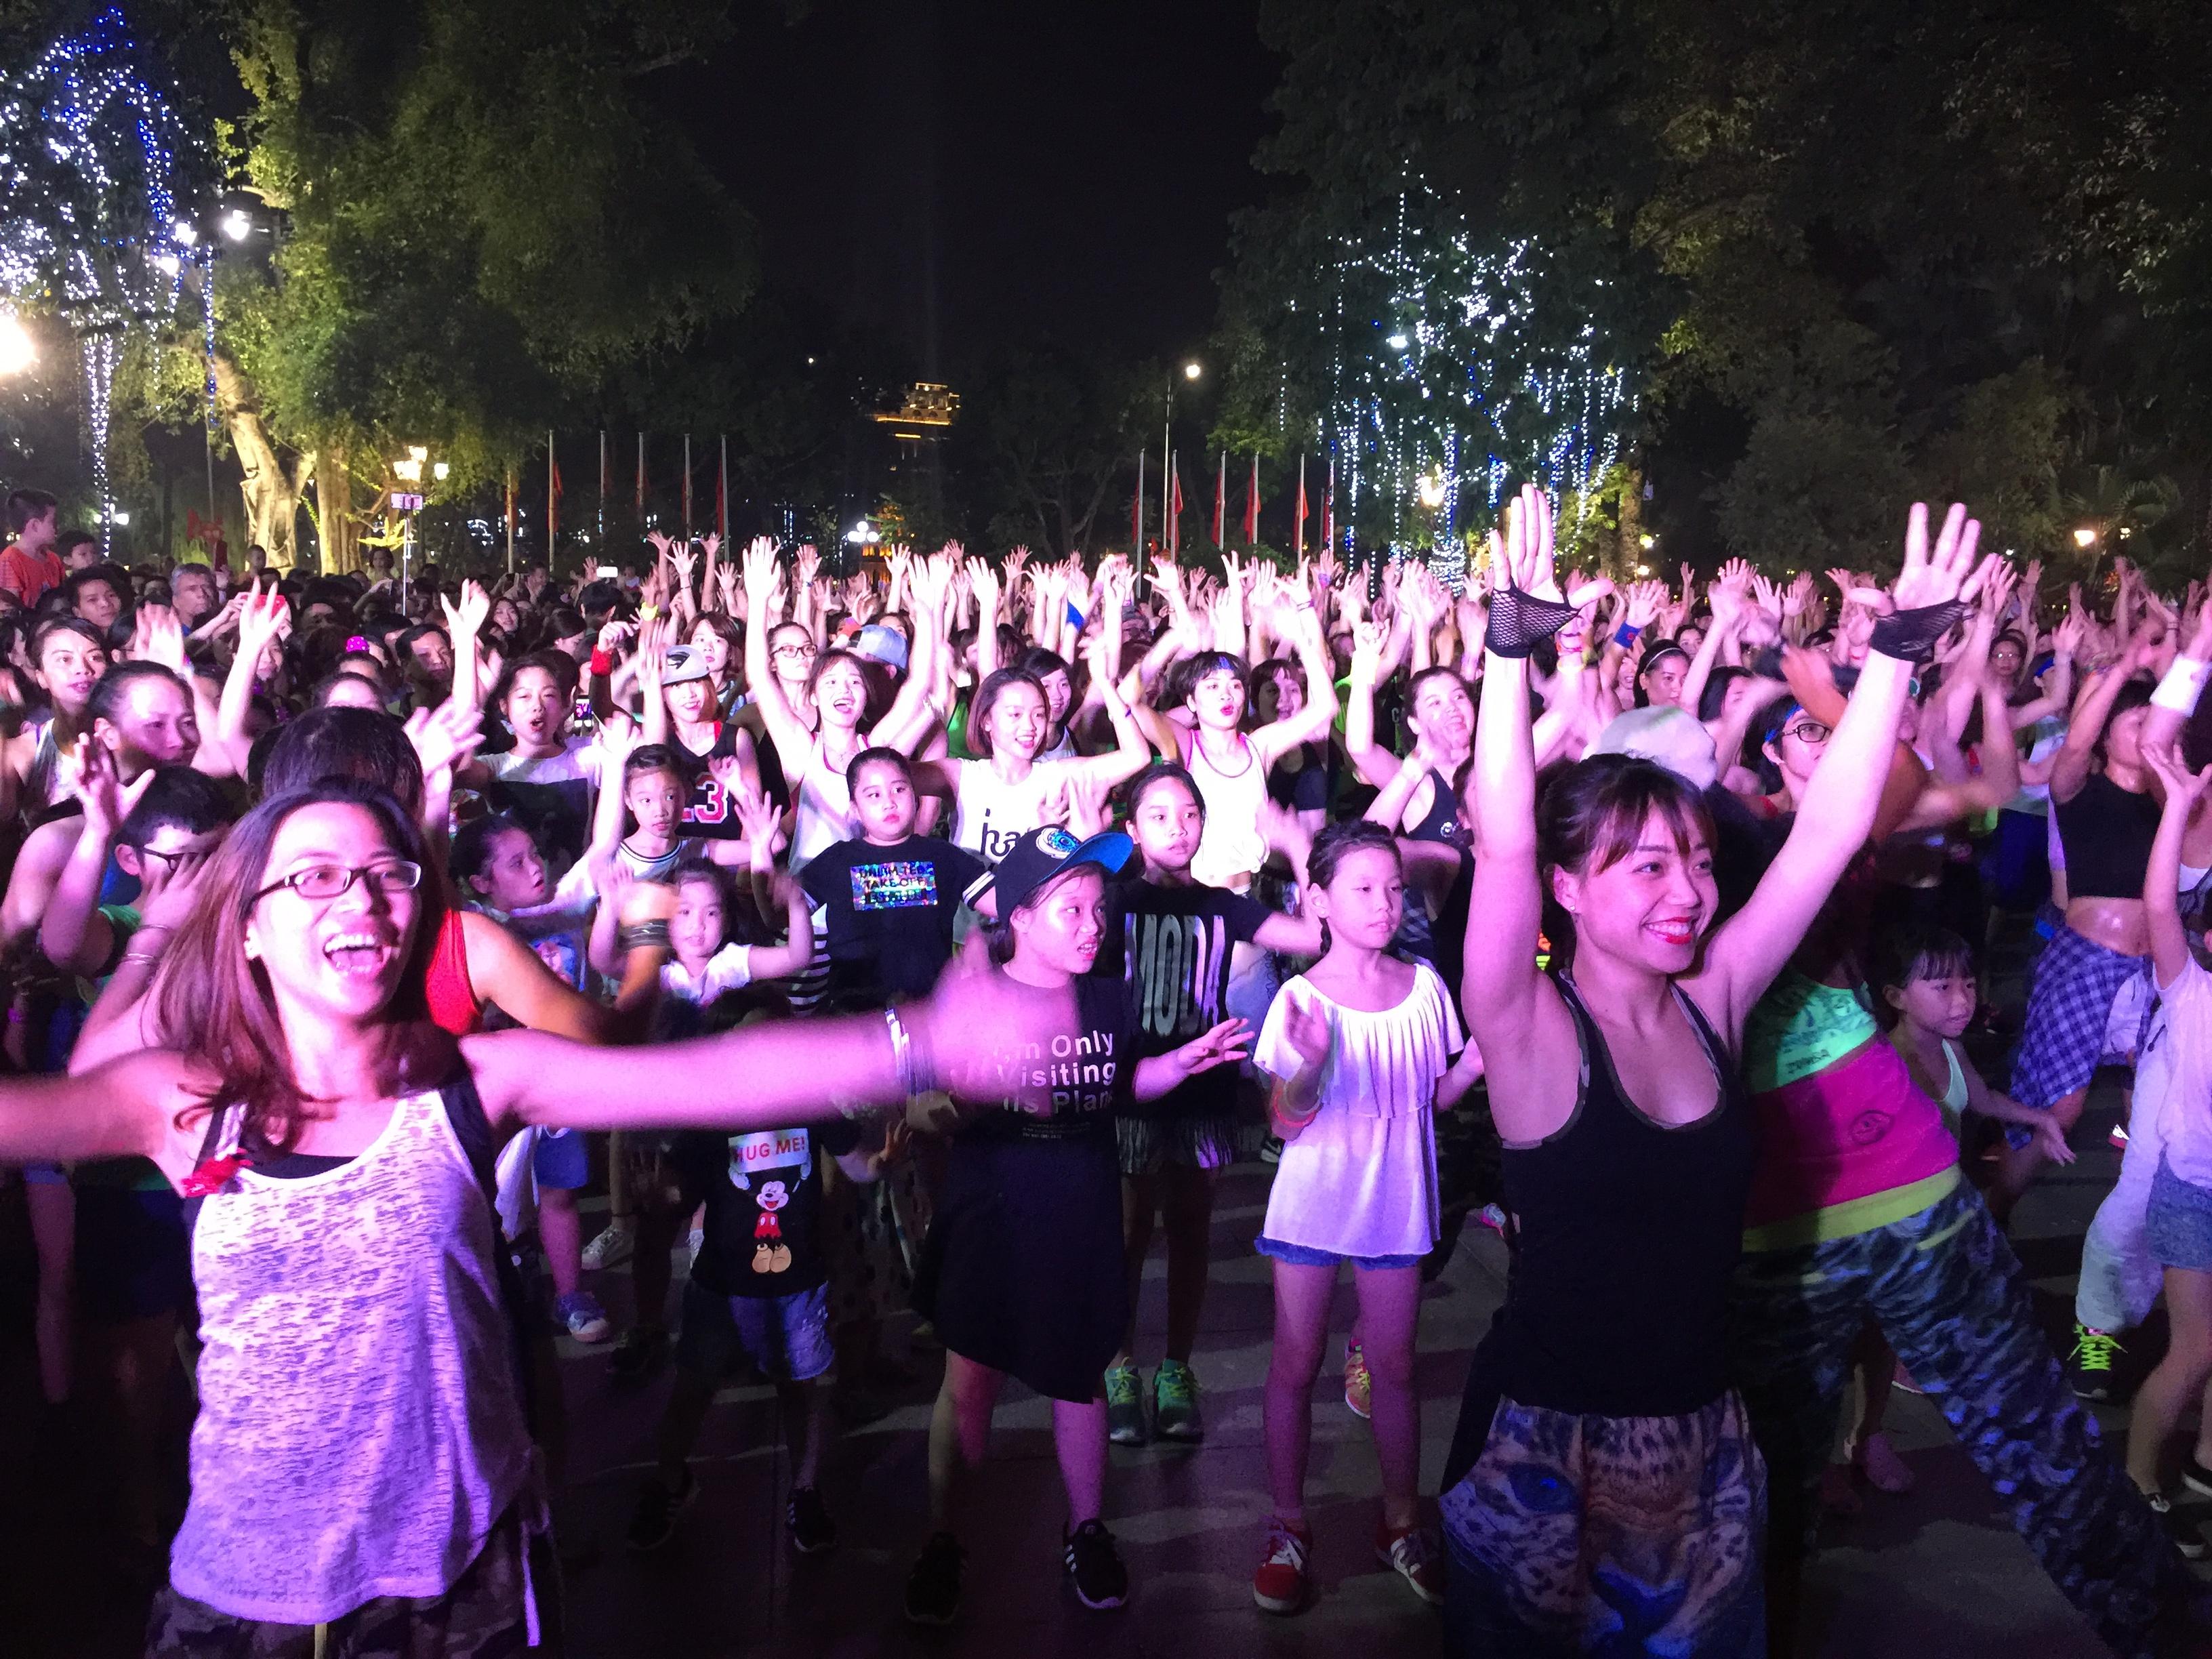 zumba non-stop party in hanoi hinh 0